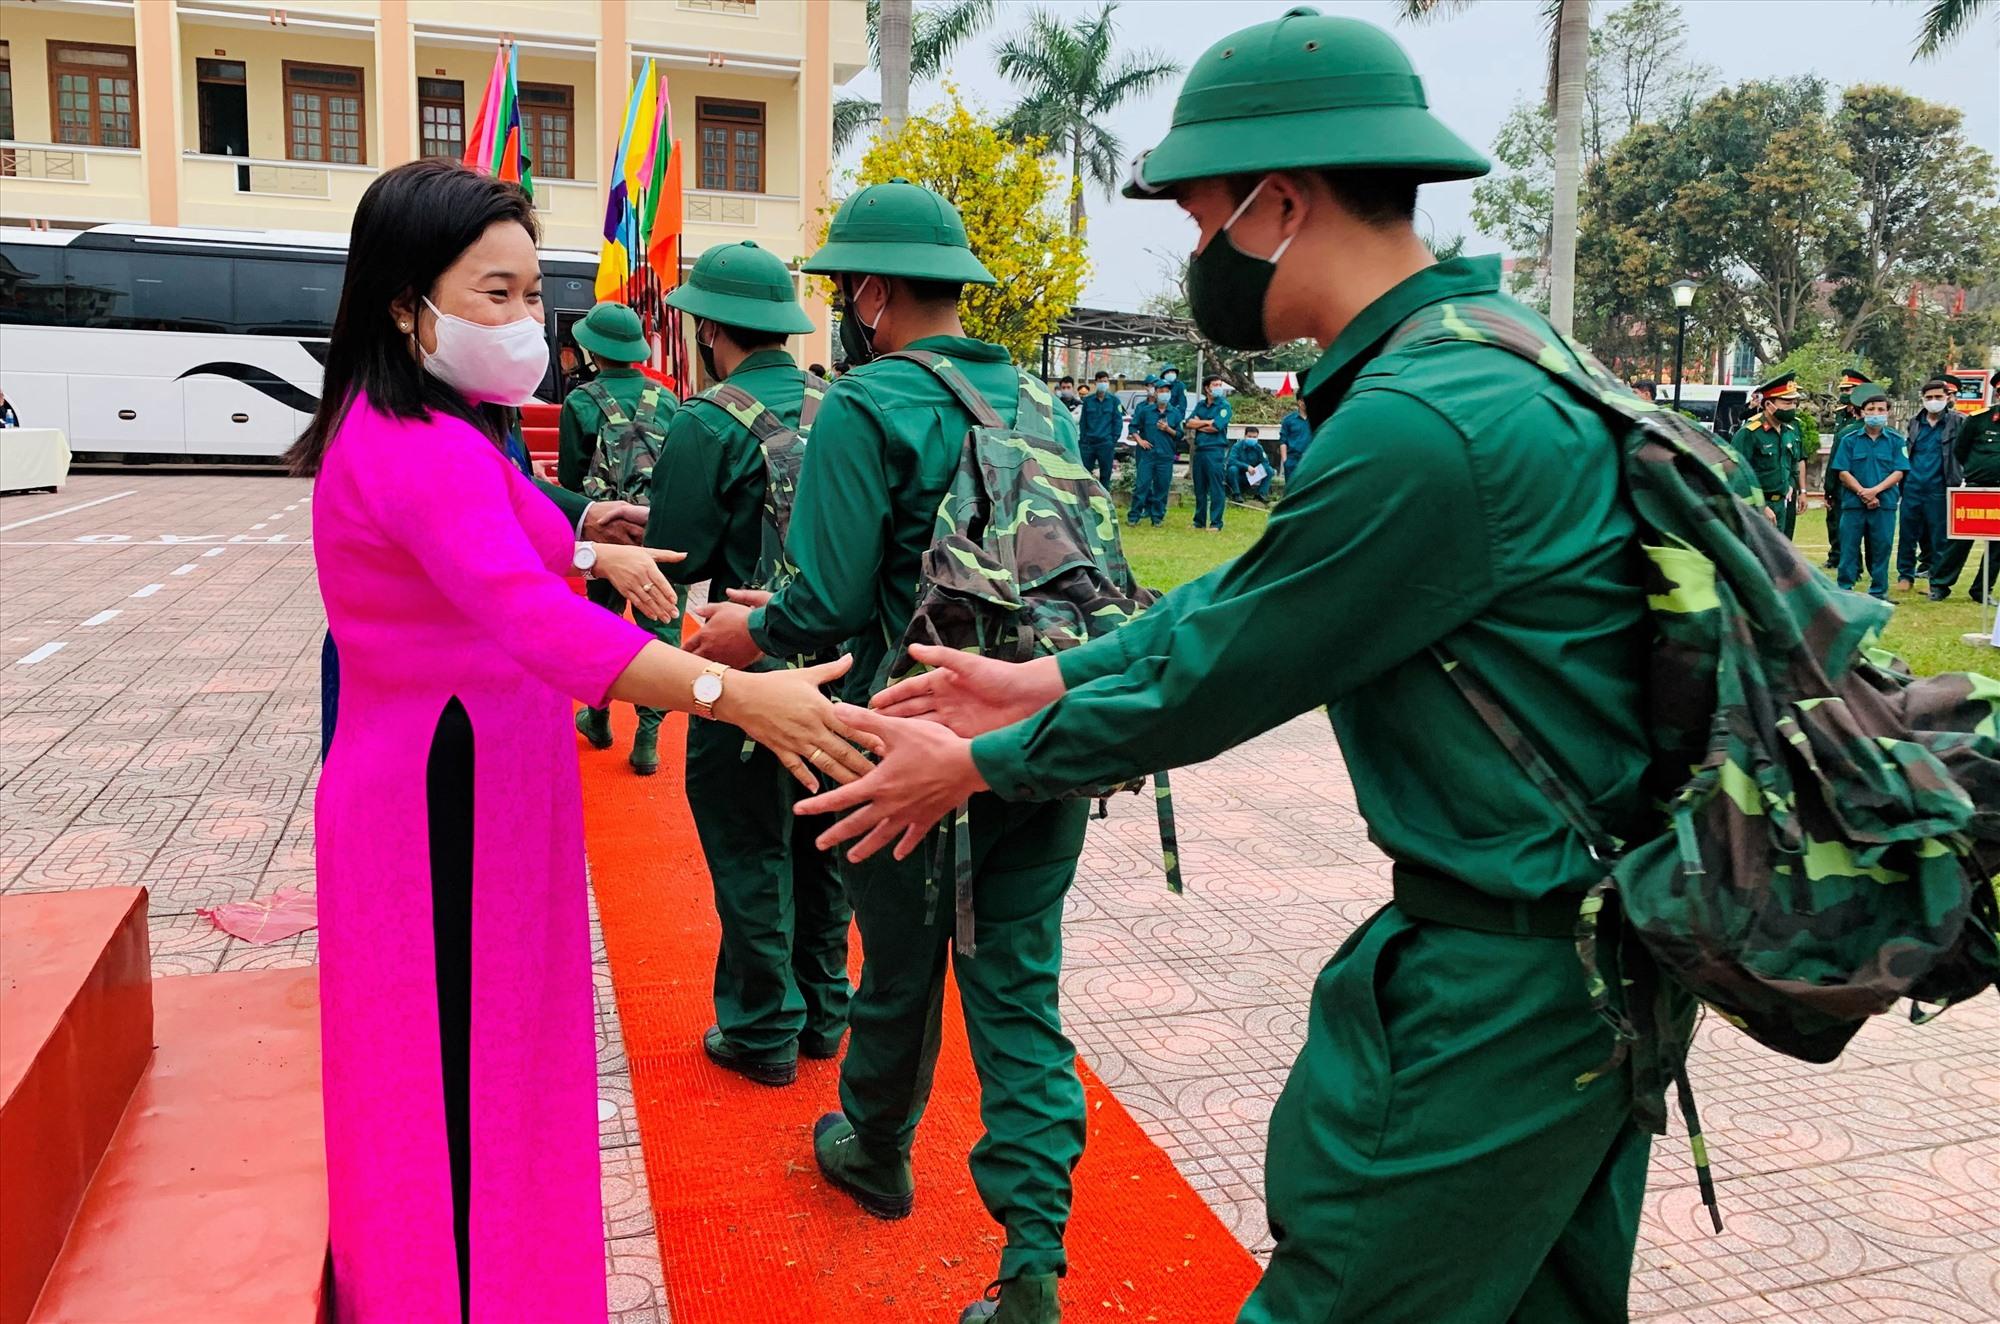 Bà Huỳnh Thị Thùy Dung – Ủy viên Ban Thường vụ, Trưởng ban Dân vận Tỉnh ủy bắt tay, động viên thanh niên lên đường tòng quân. Ảnh: T.S